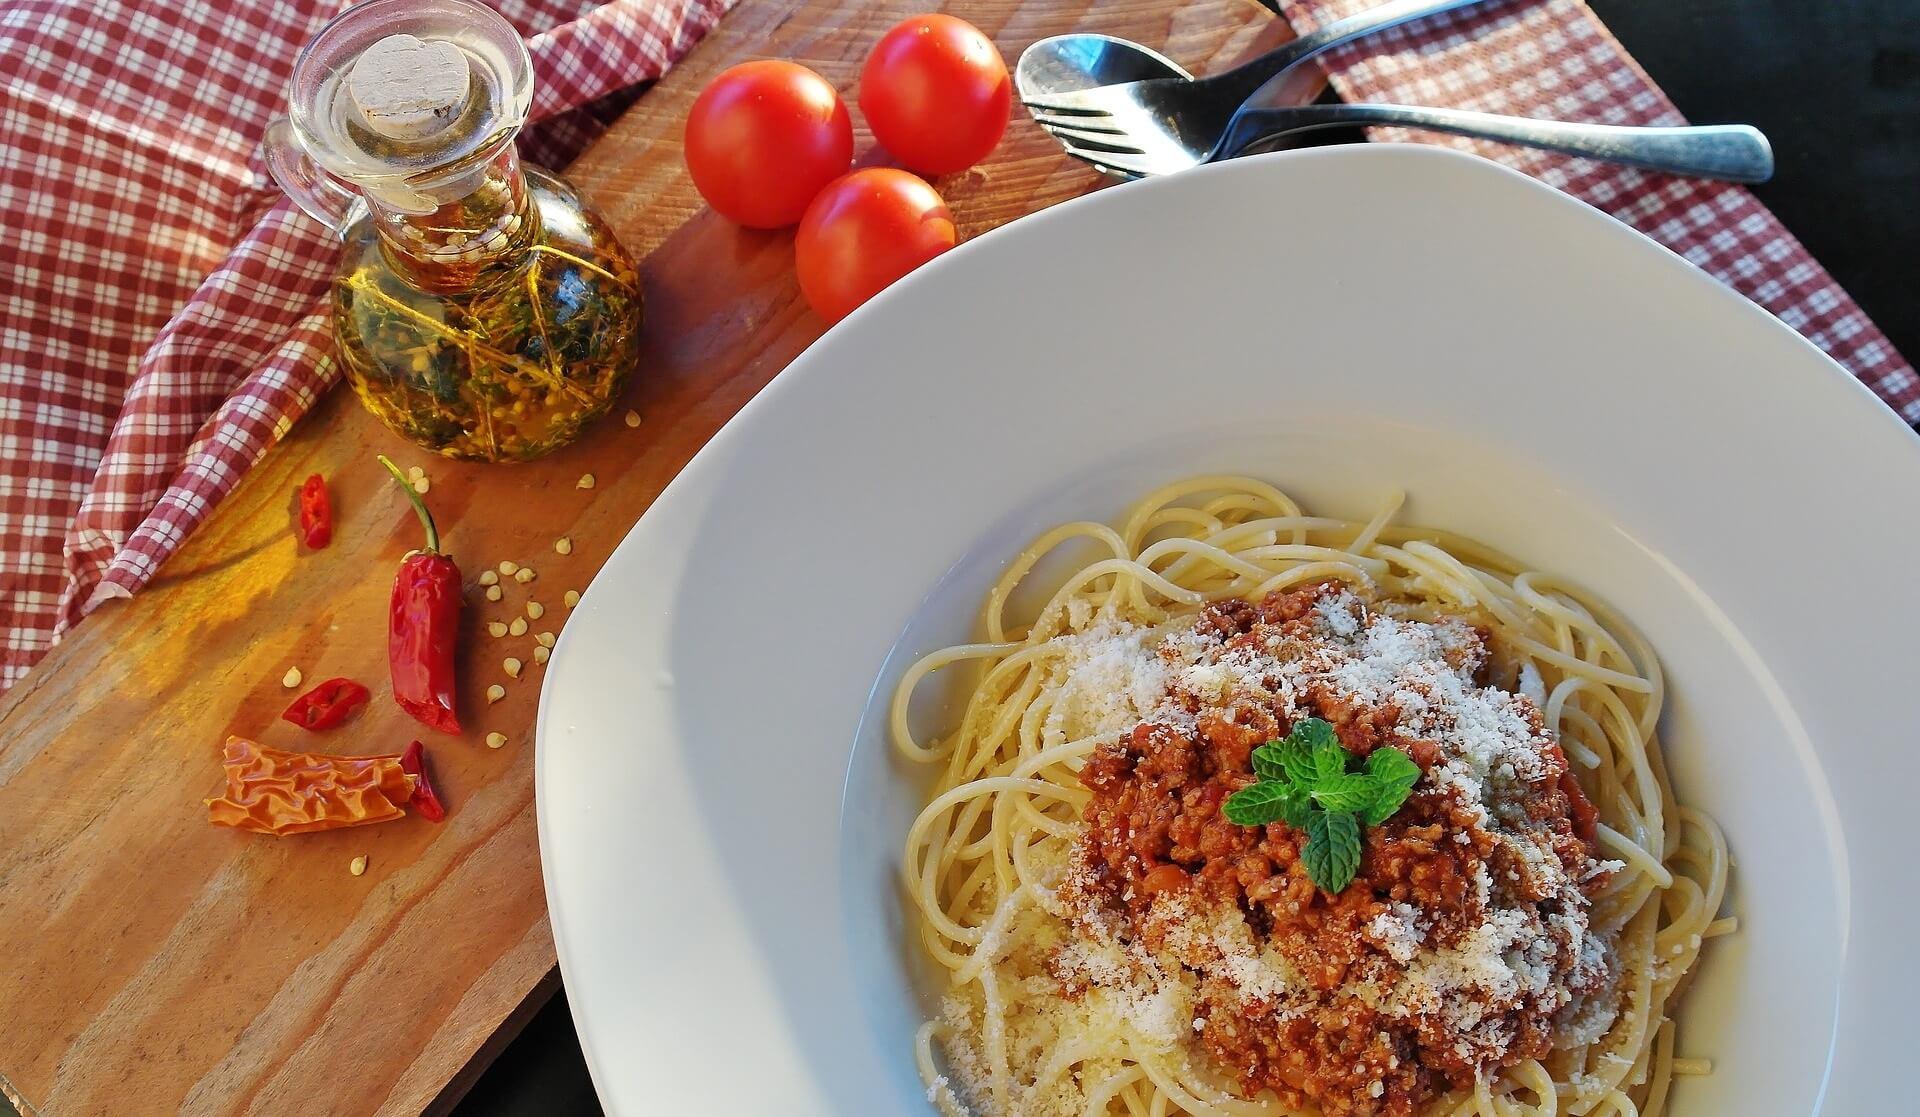 ミートソースは高カロリー!?気になるミートソースのカロリーを他のスパゲッティのカロリーと比較